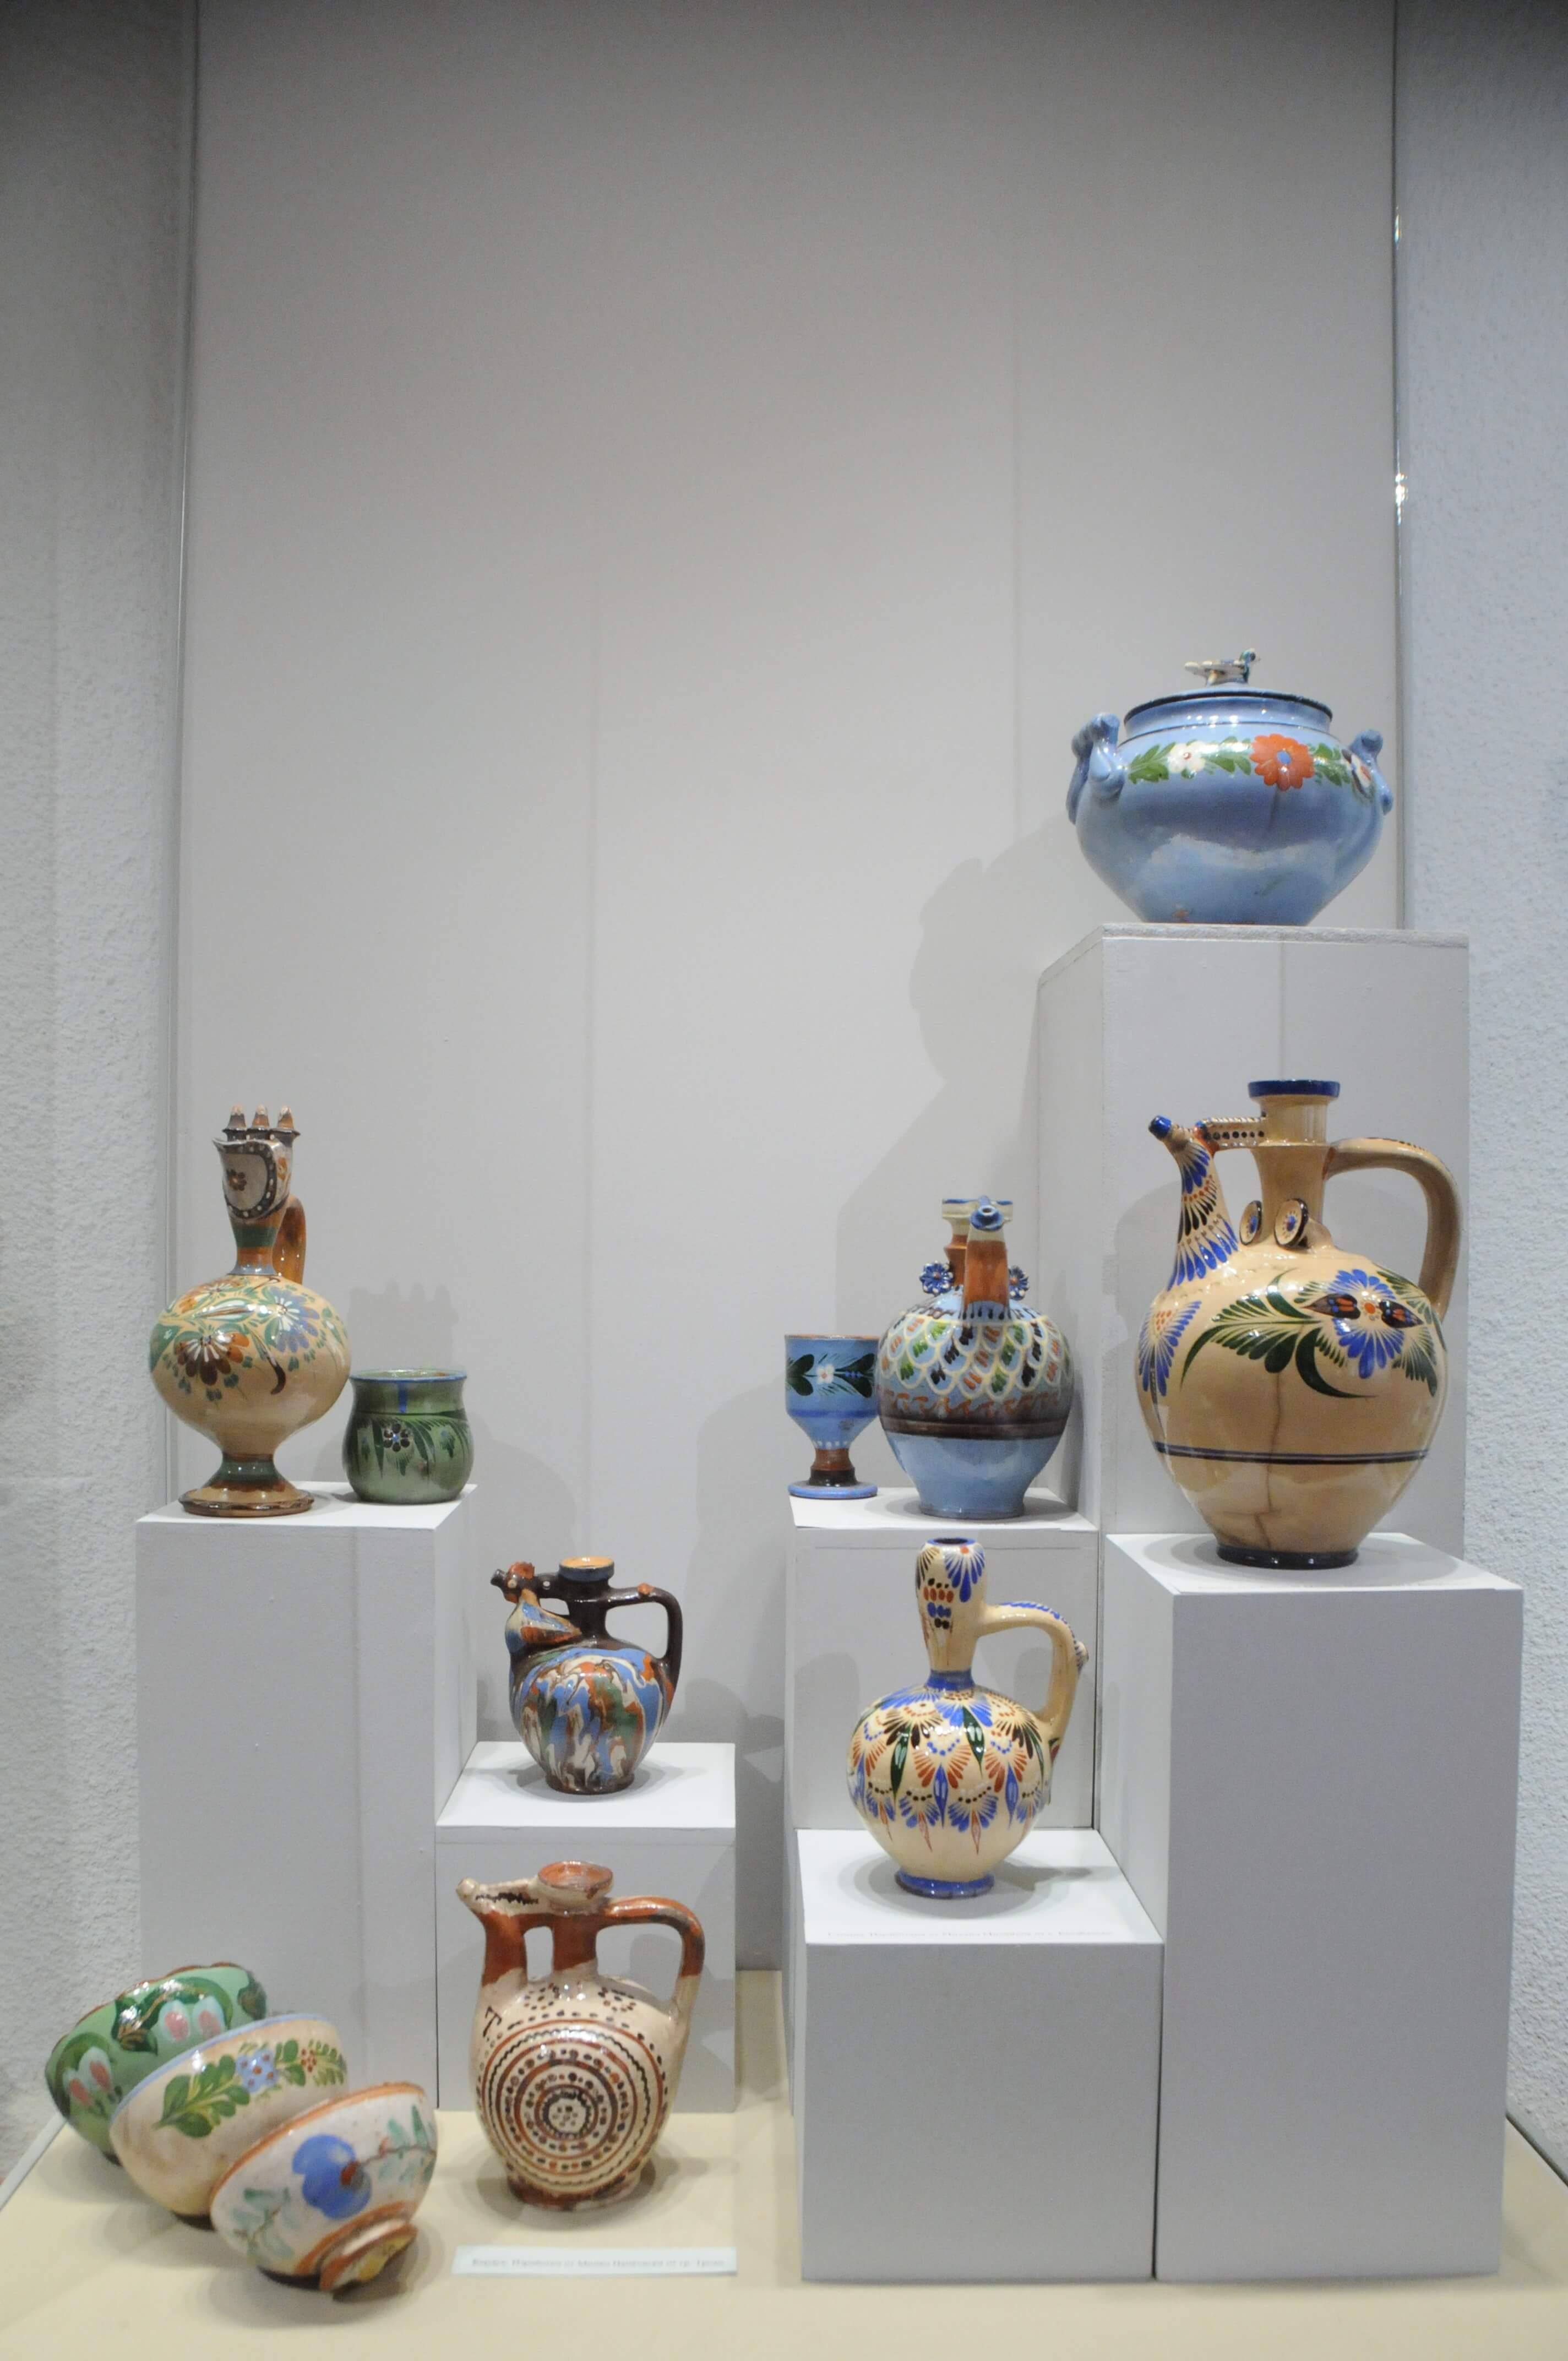 bogatstvoto-na-troyanskata-keramika (10)